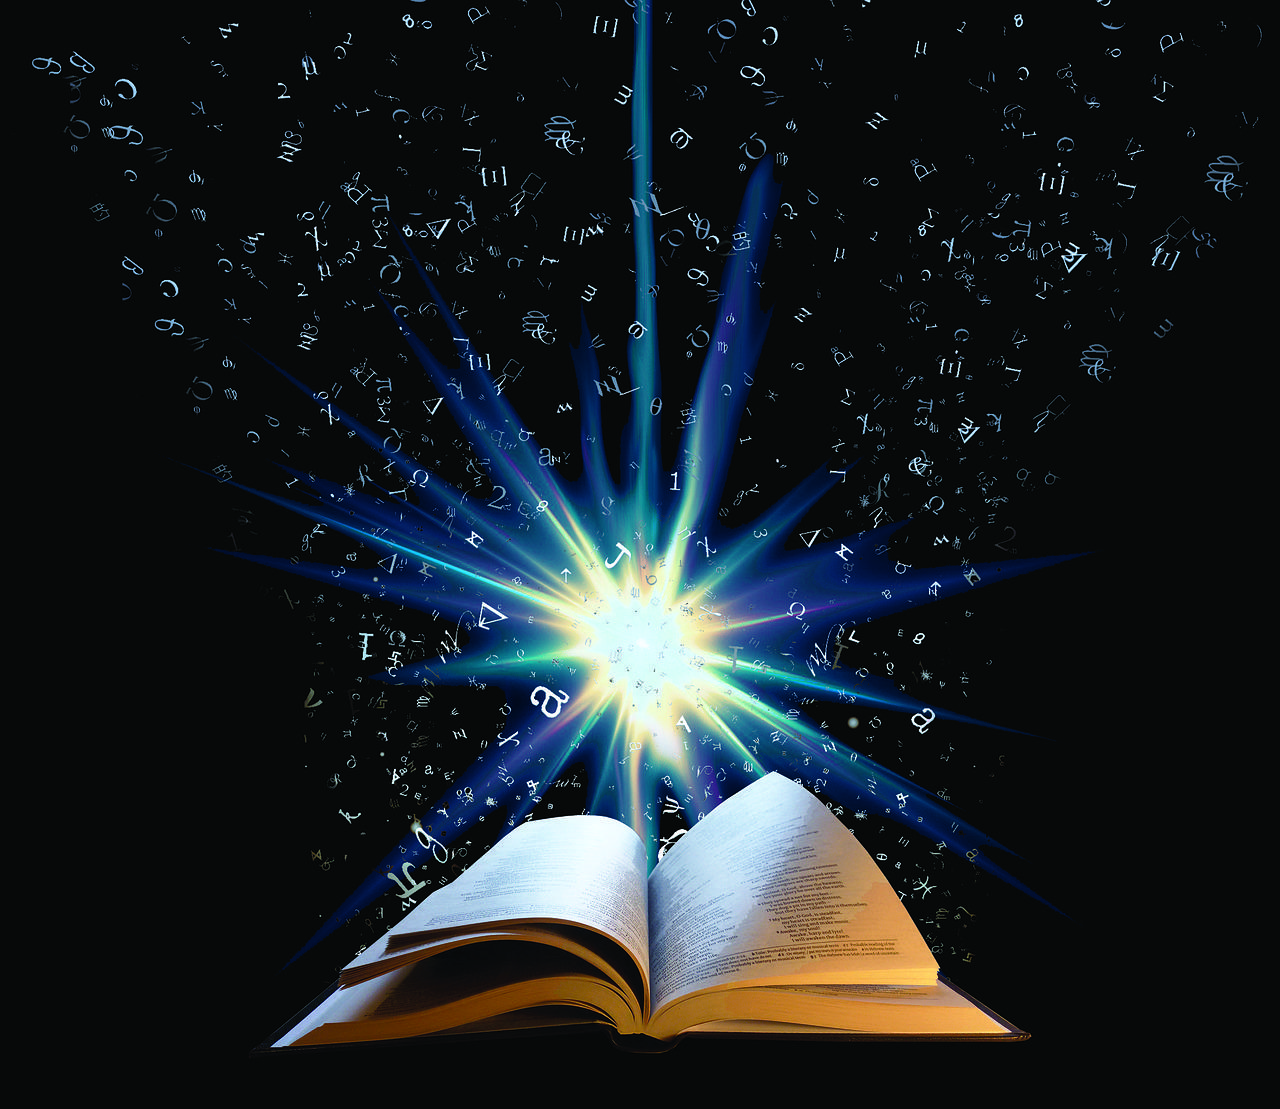 mon-avenir-voyance-be-graphologie-art-divinatoire